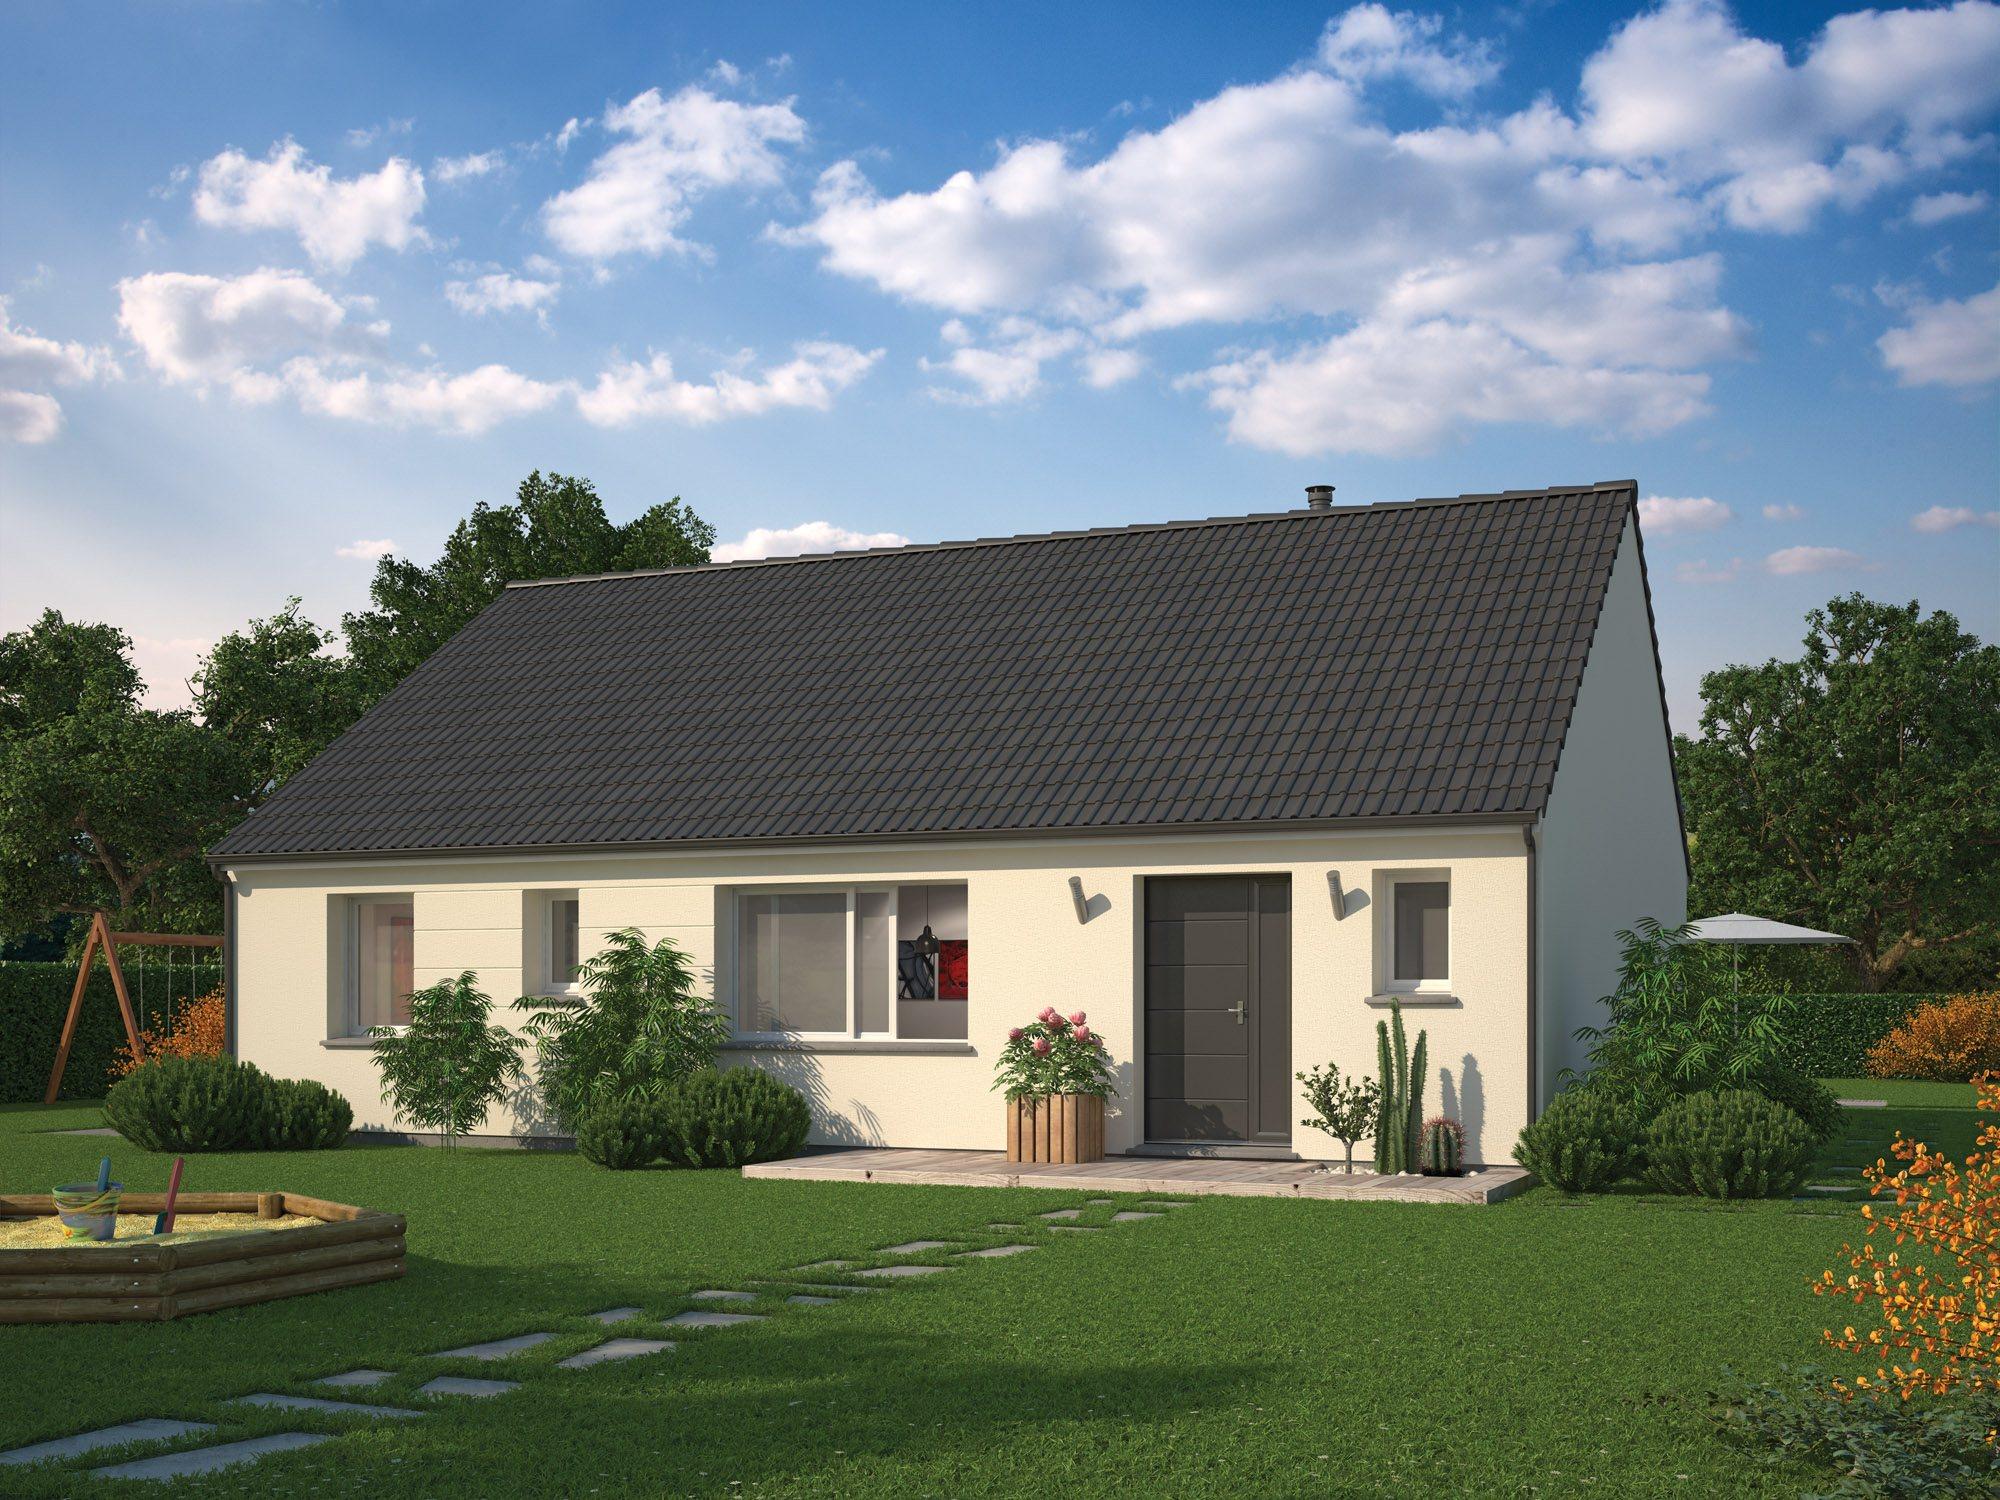 Maisons + Terrains du constructeur MAISON FAMILIALE SAINT QUENTIN • 90 m² • LE NOUVION EN THIERACHE